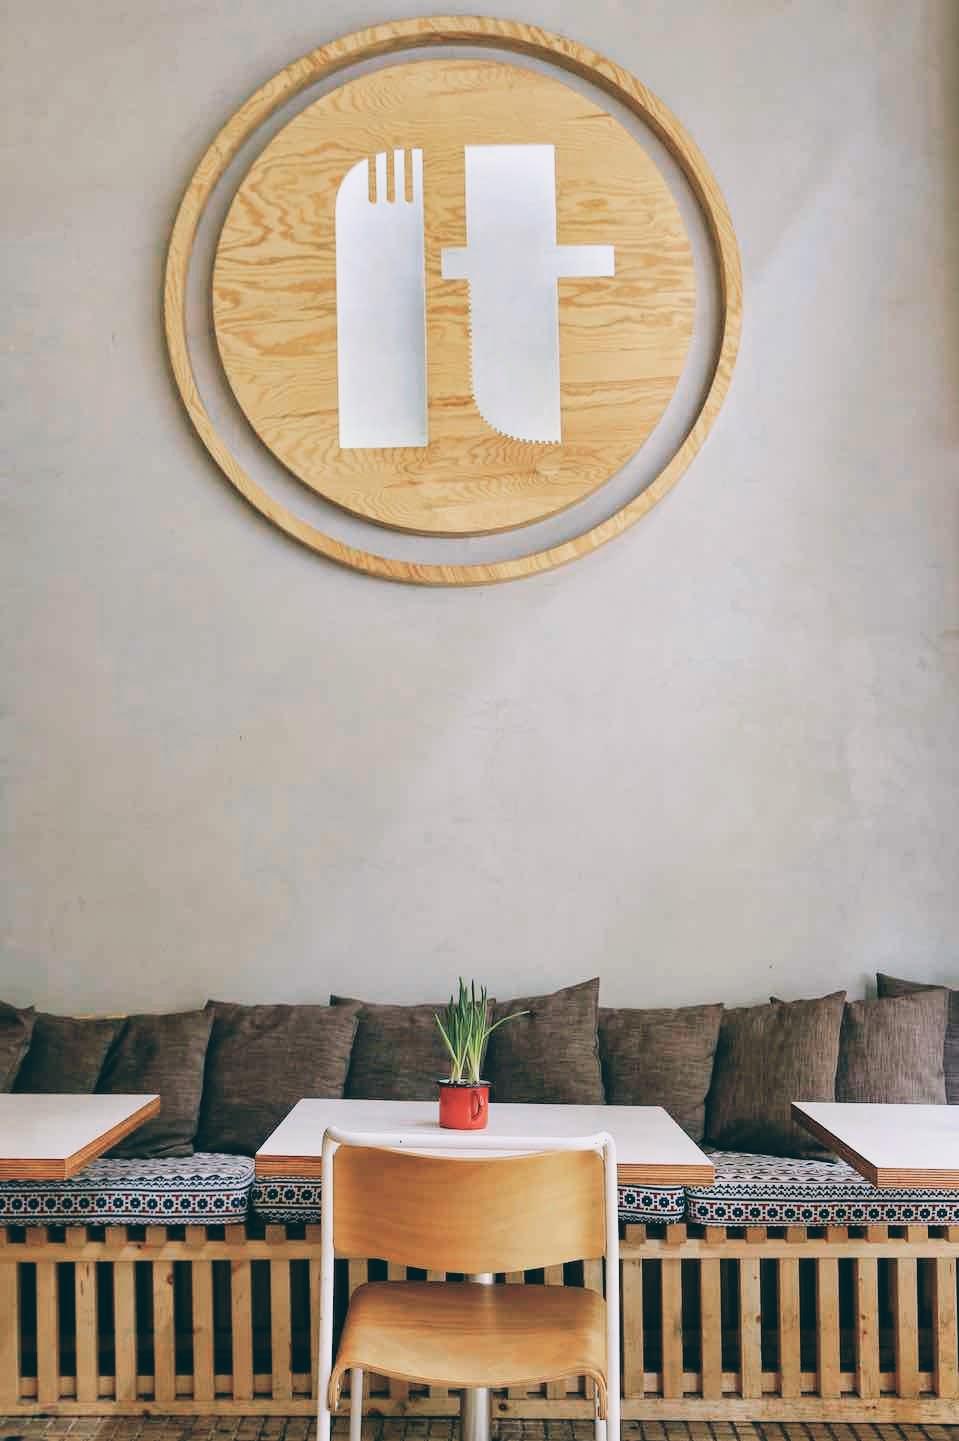 ITRestaurant2CAthens.jpg